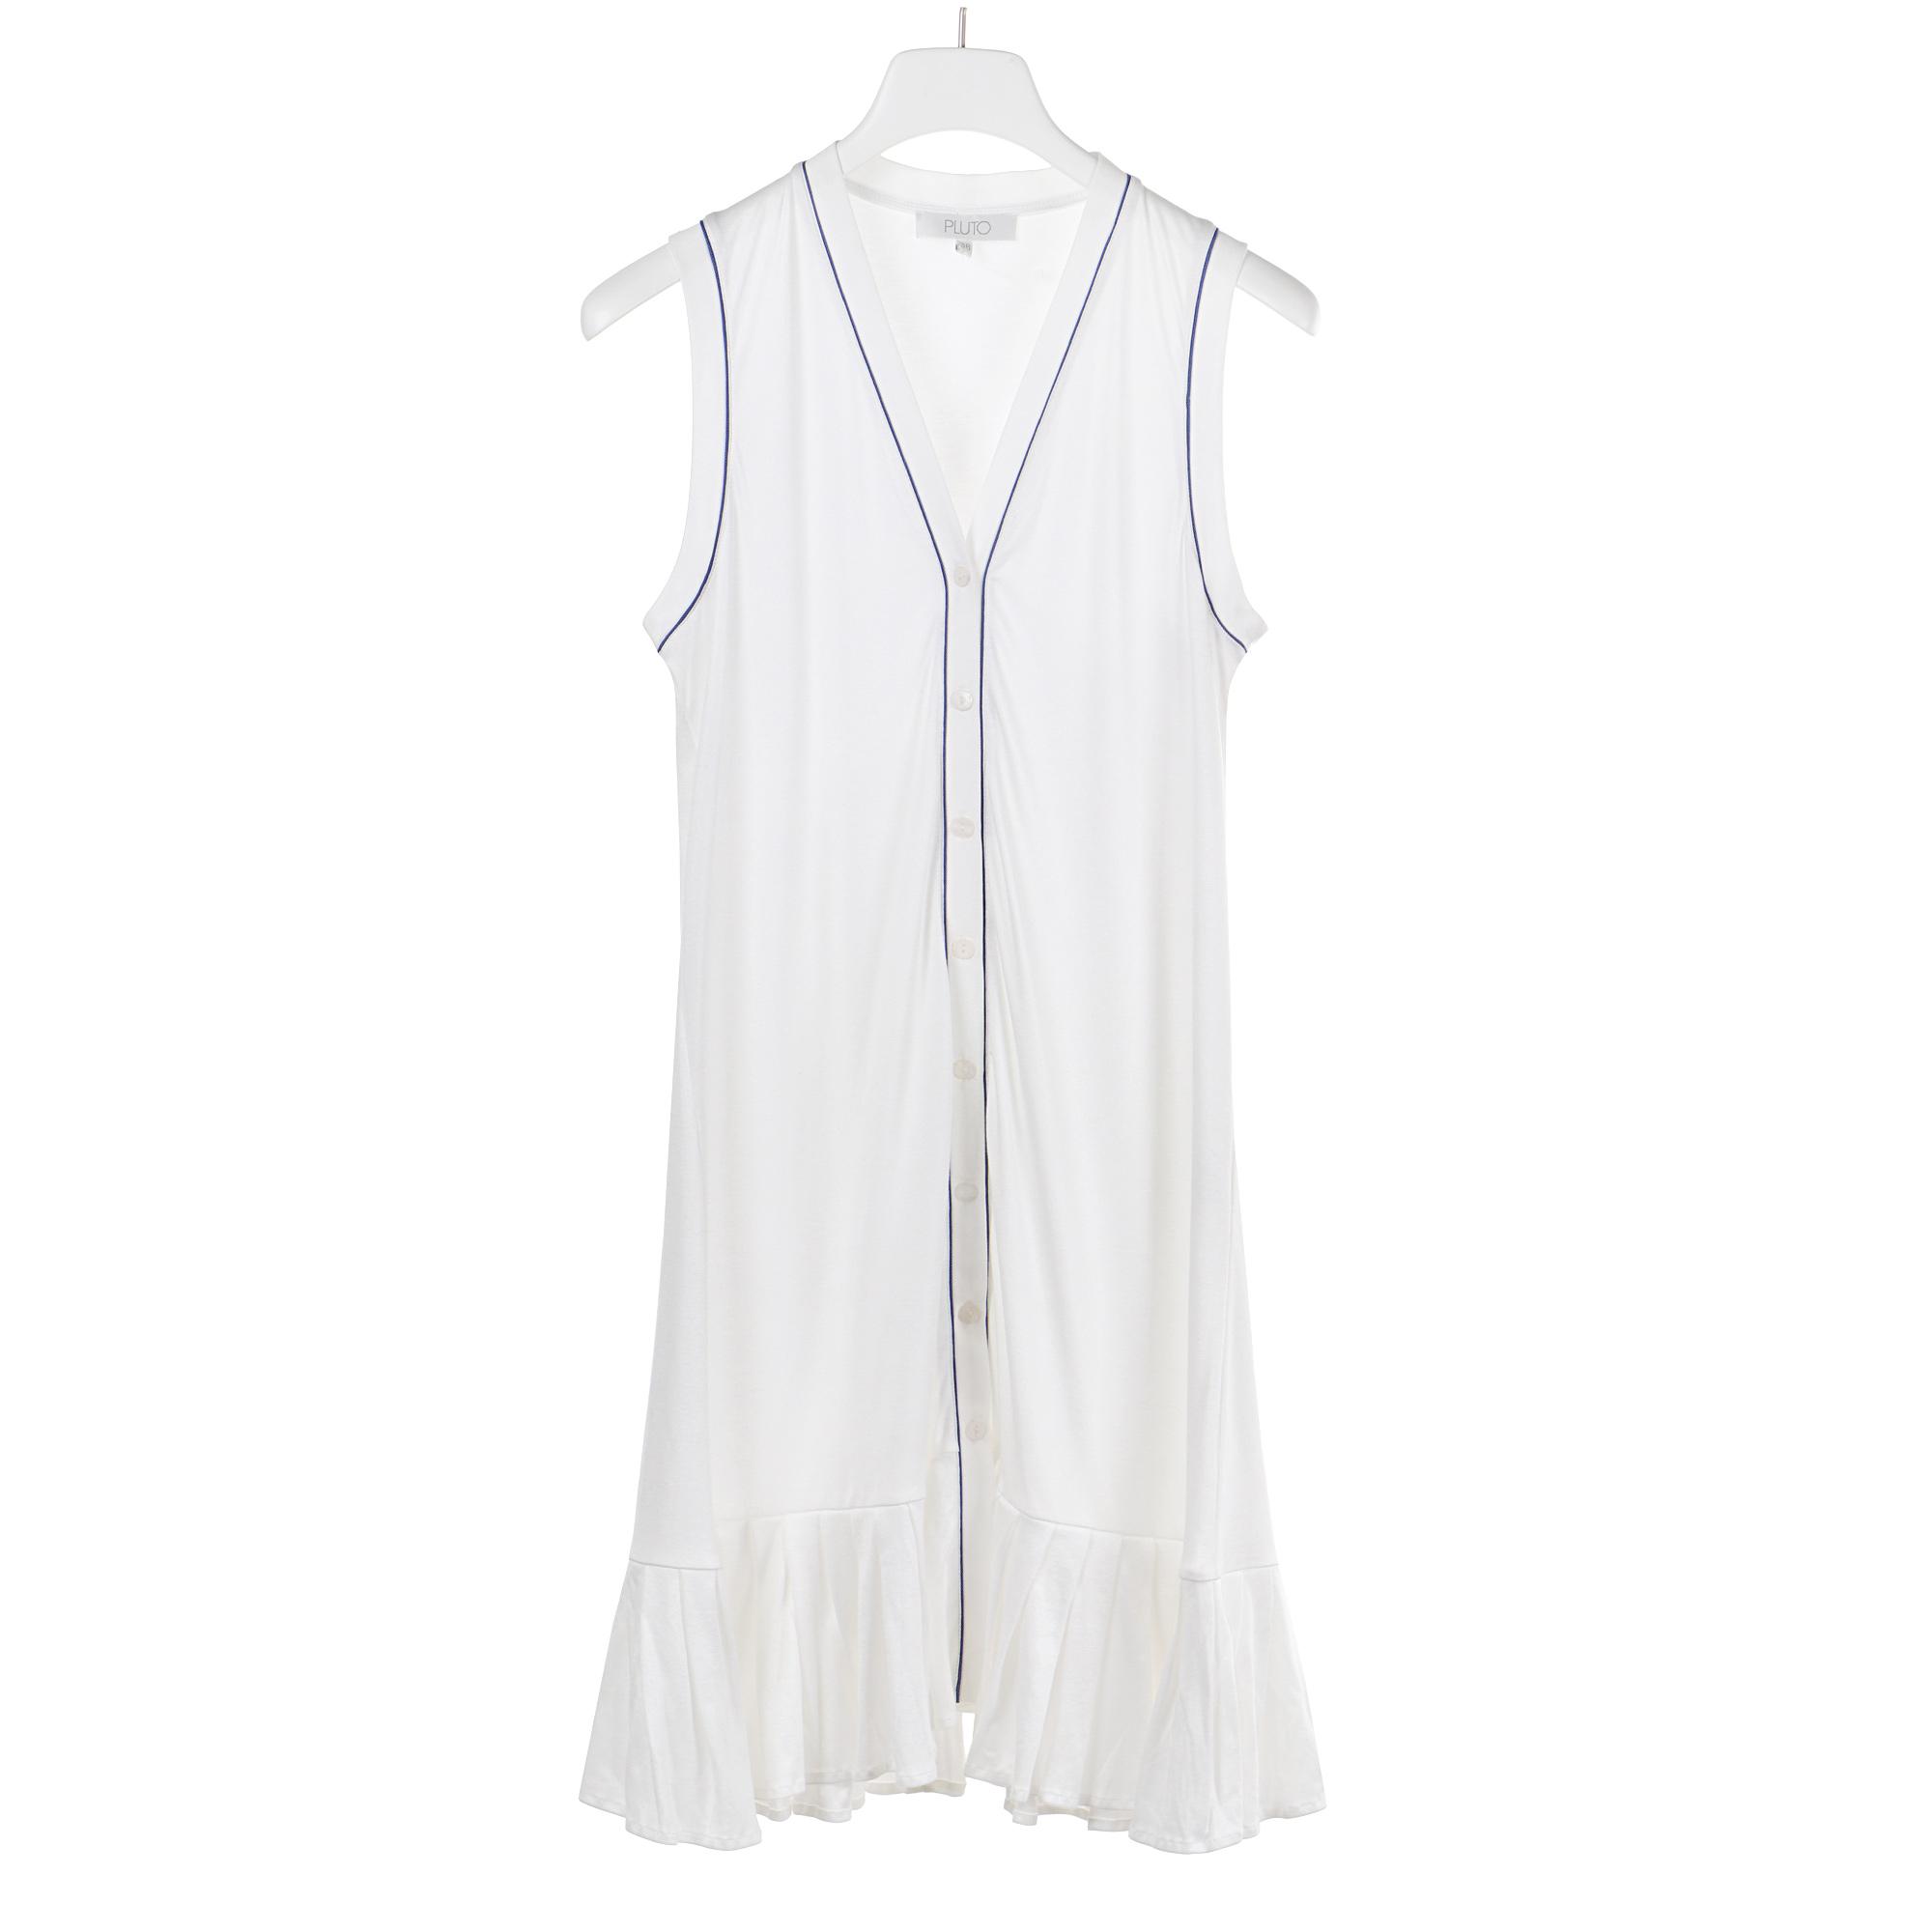 Платье женское для дома Pluto трикотажное XL недорого